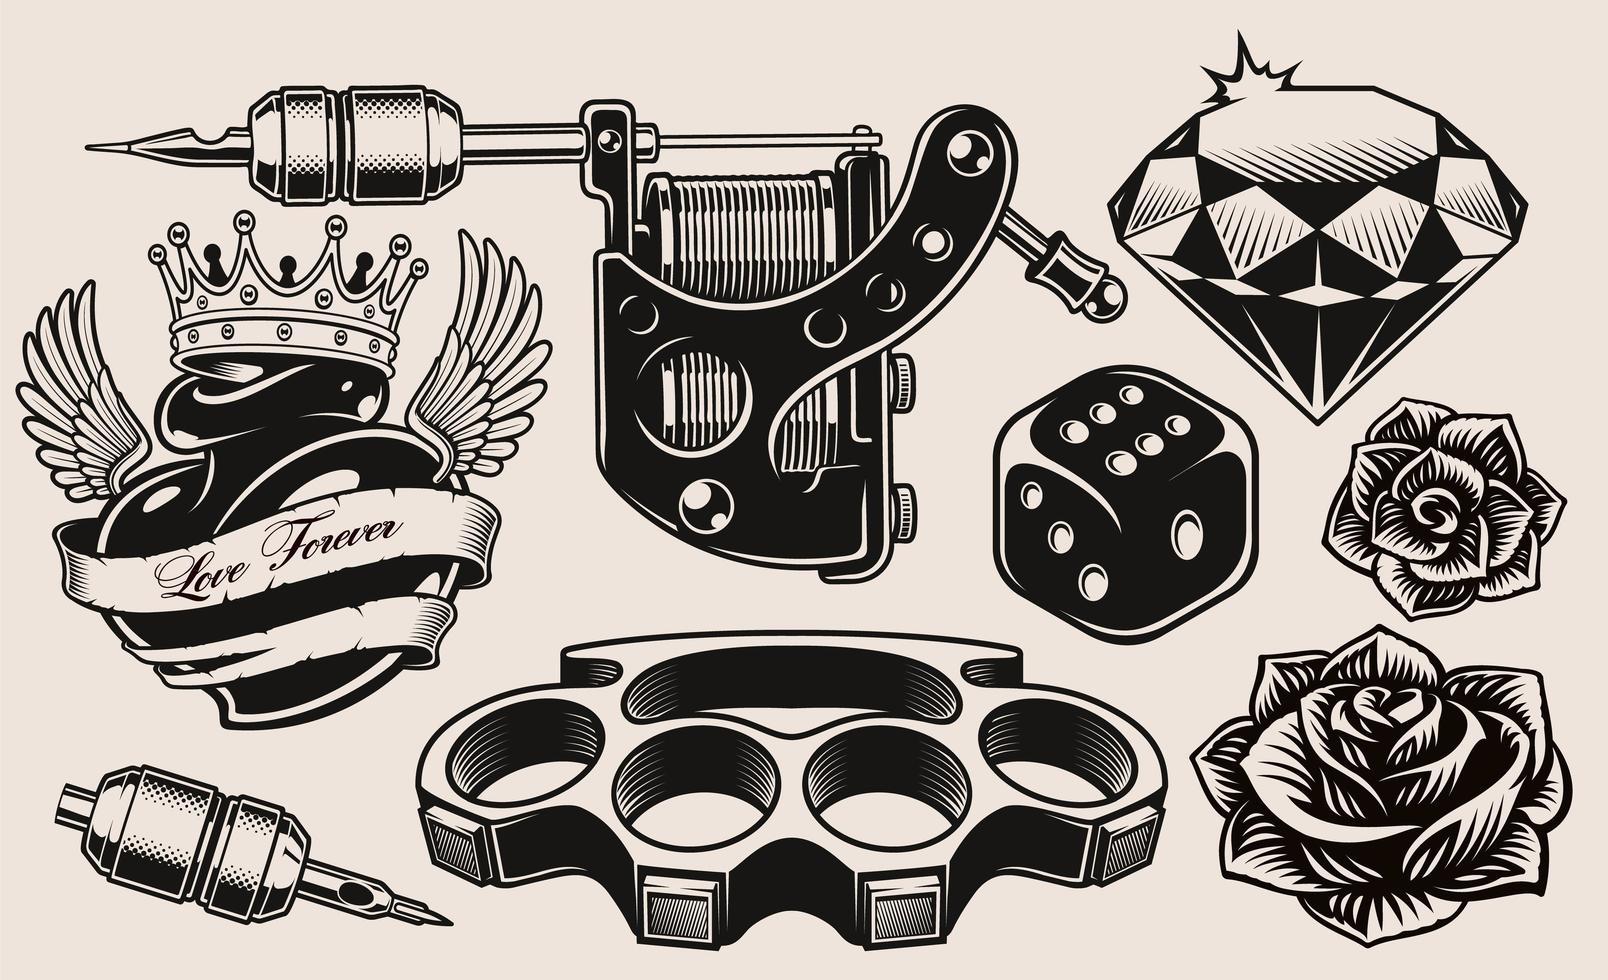 Un Conjunto De Temas De Tatuajes En Blanco Y Negro Descargar Vectores Gratis Illustrator Graficos Plantillas Diseño